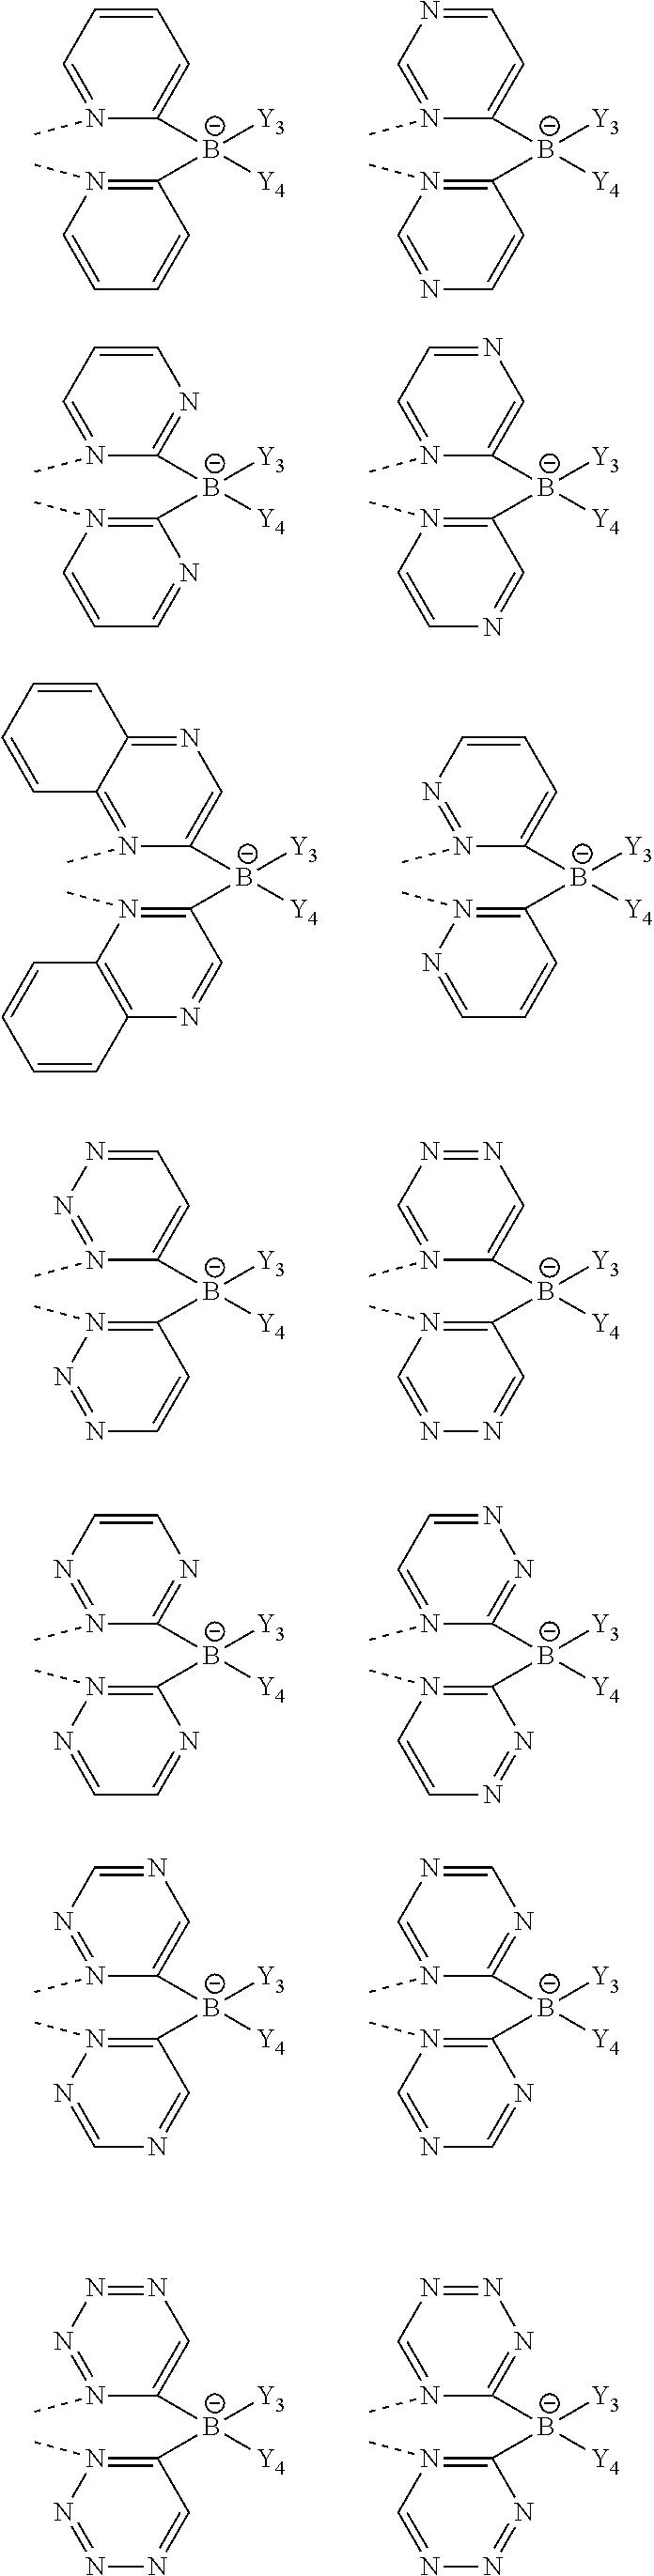 Figure US09773986-20170926-C00270